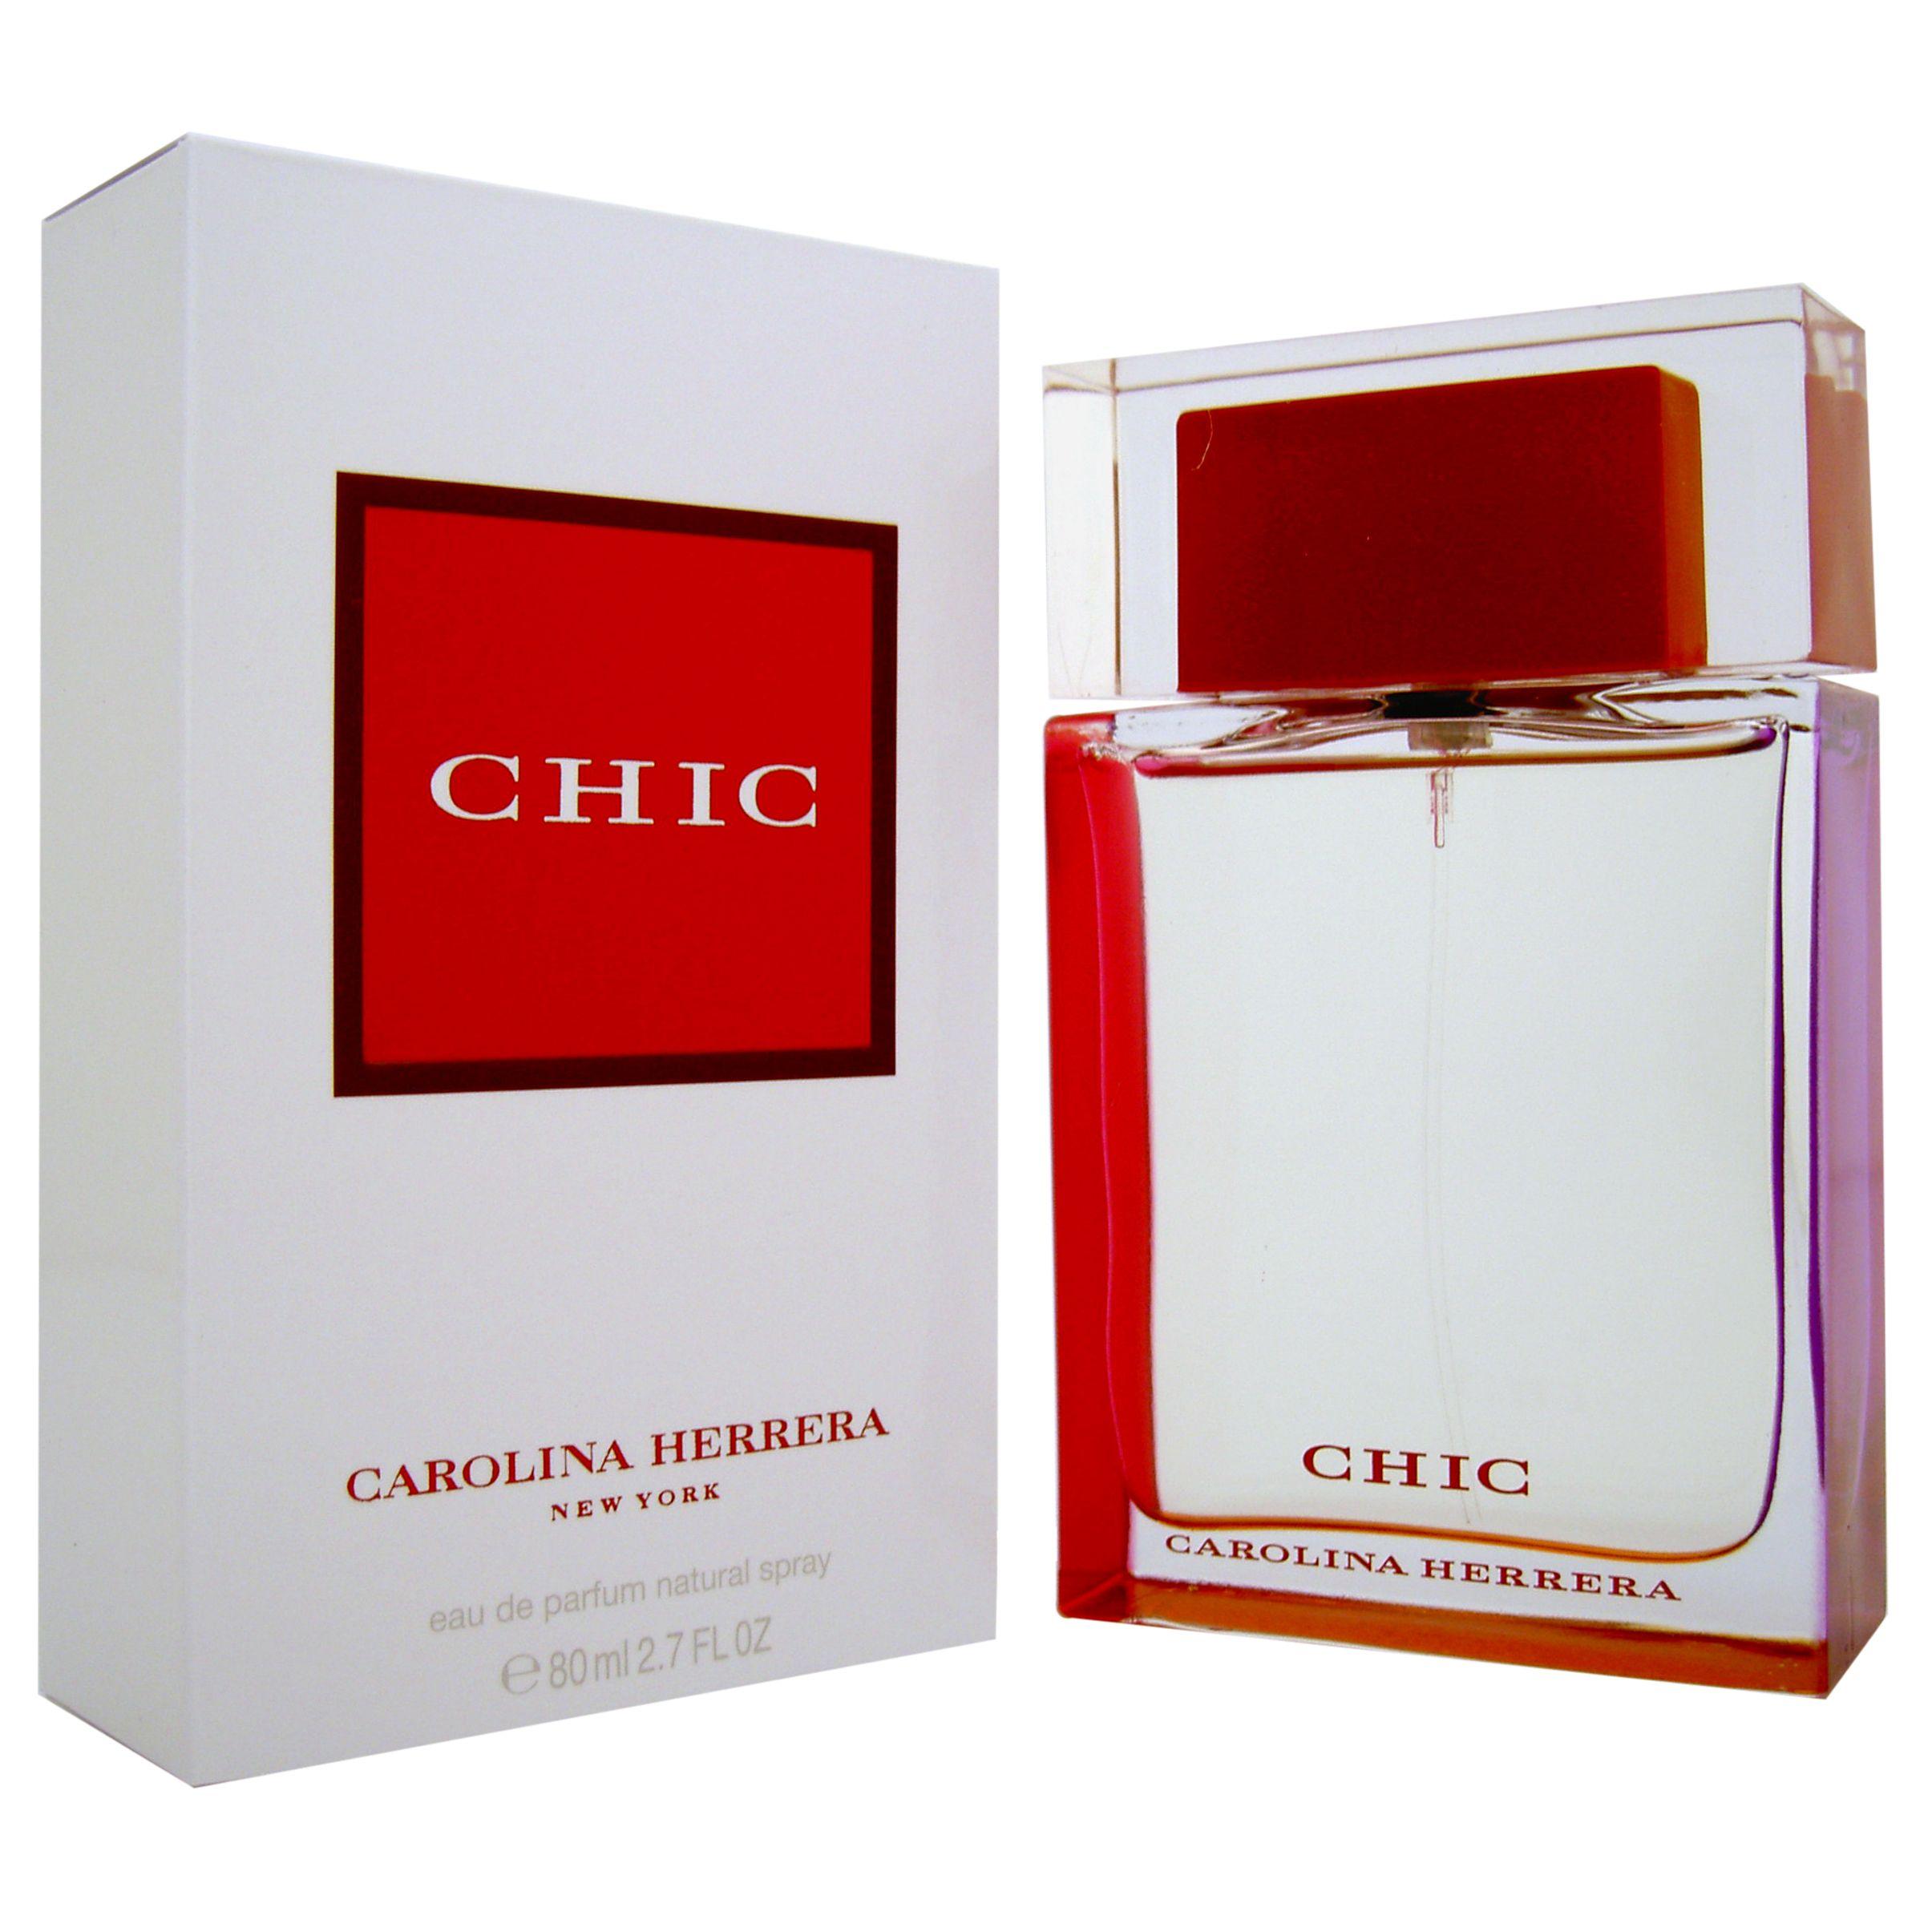 Chic Carolina Herrera for women EDP 80ml (RM60) Perfume